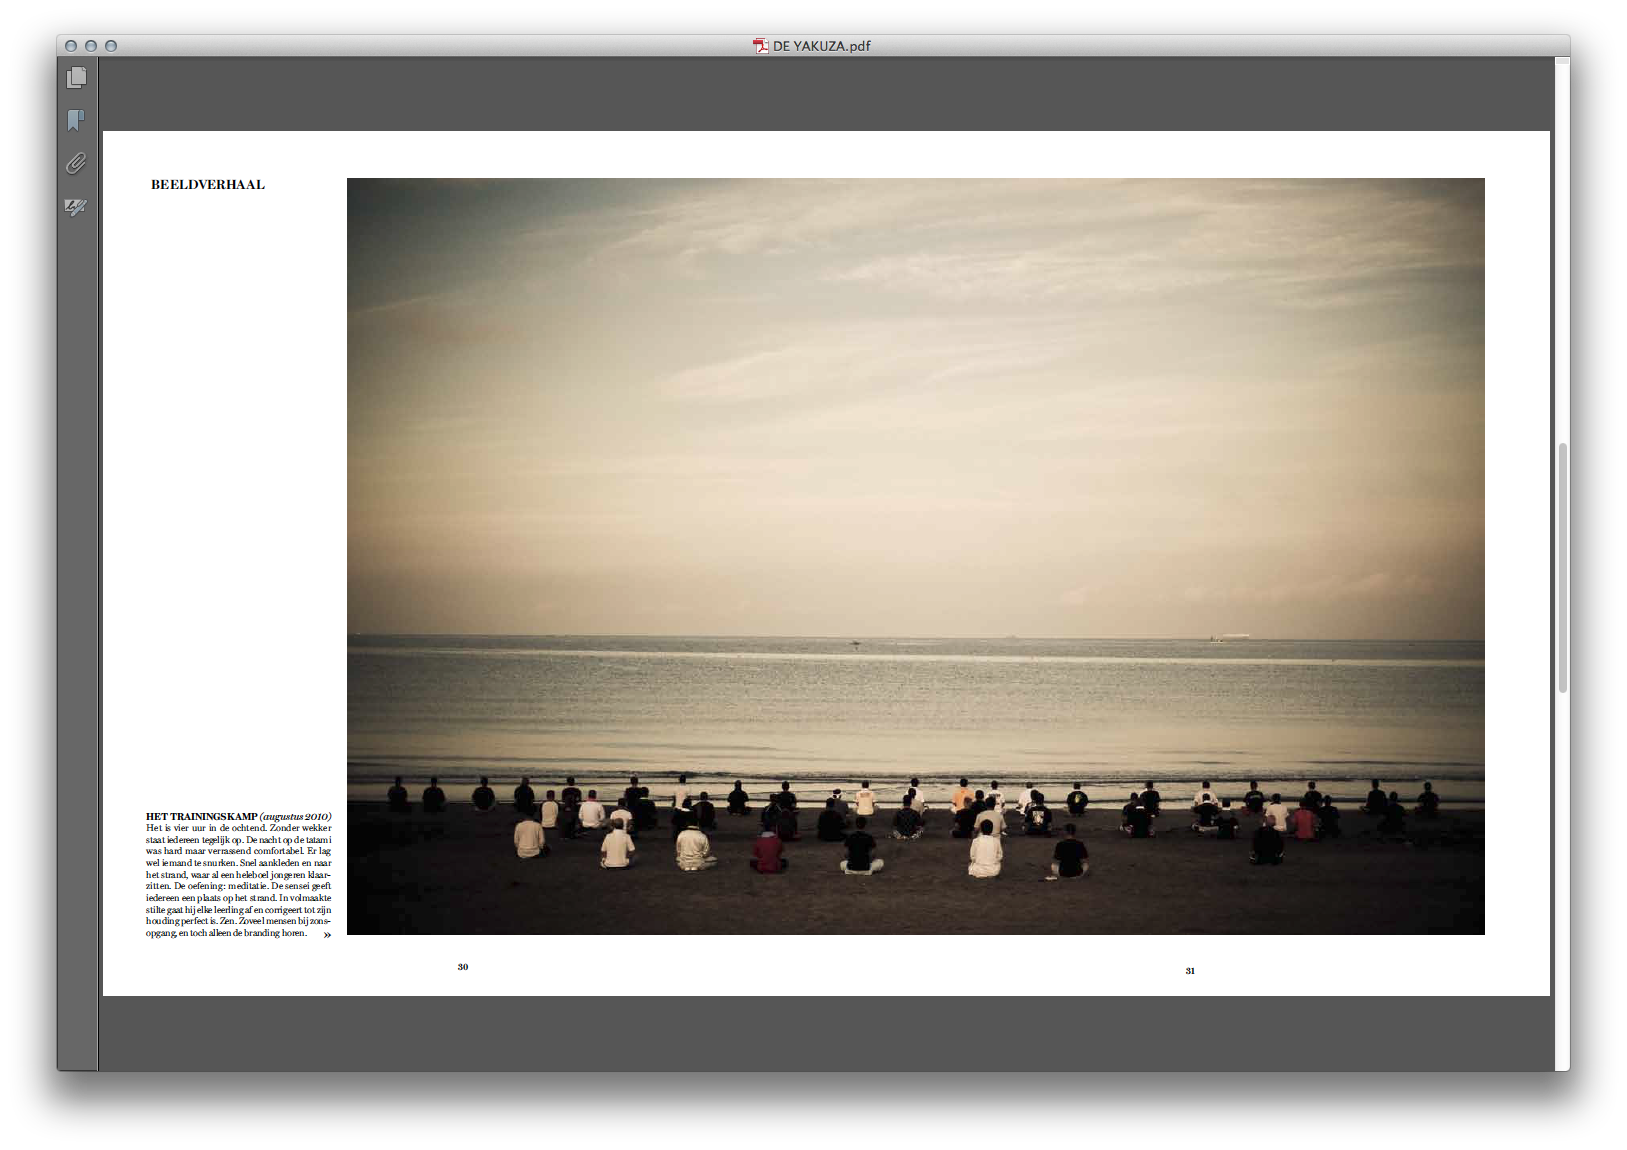 Screen-Shot-2012-02-12-at-13.38.21.png